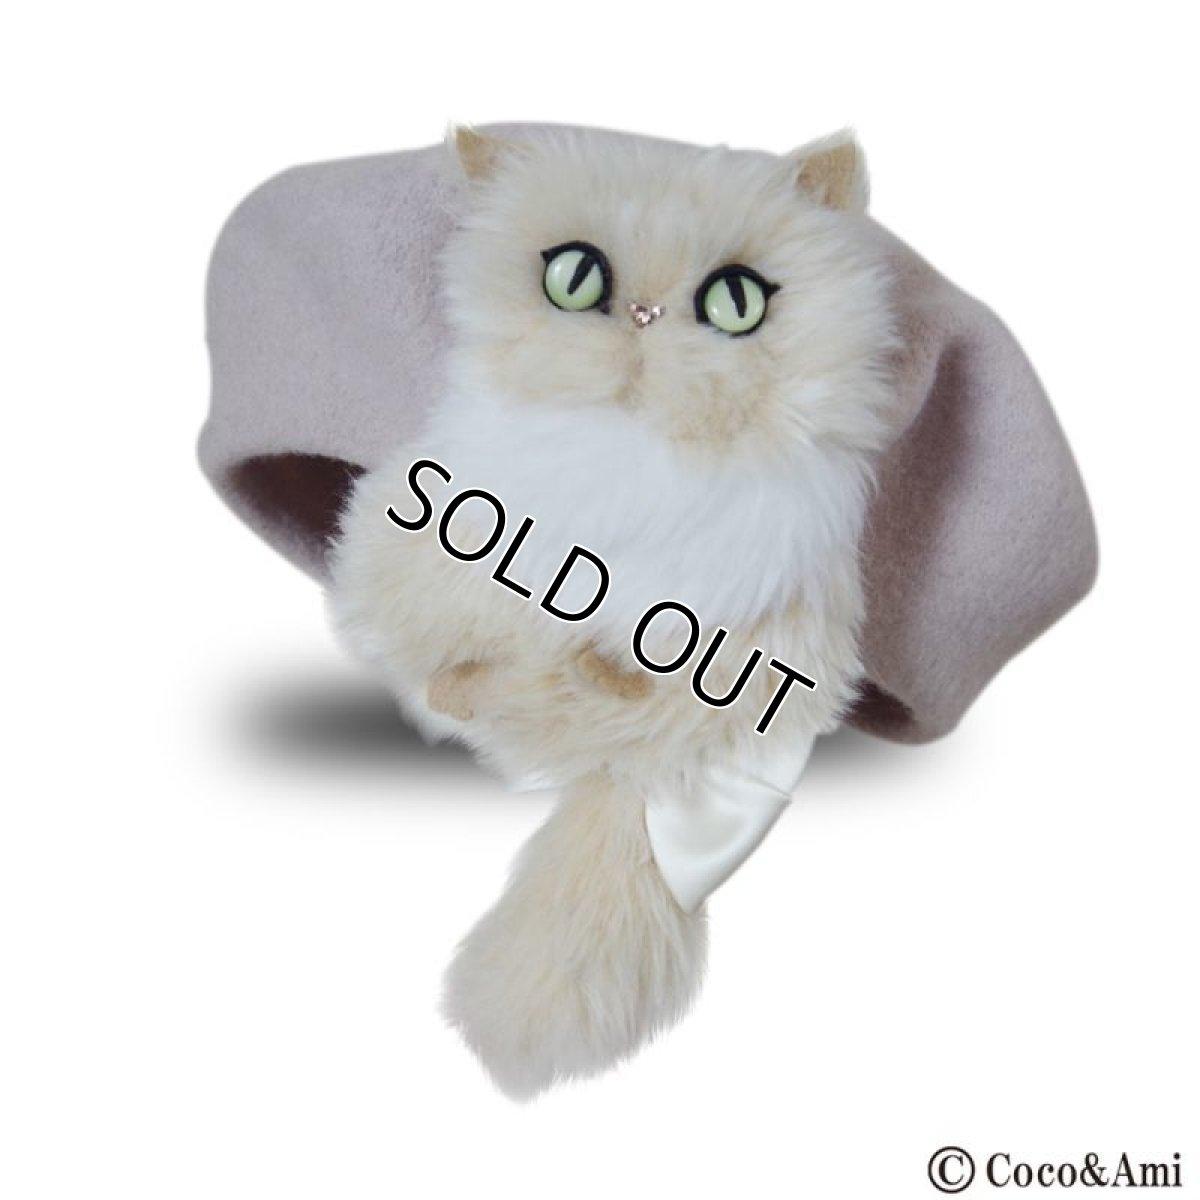 画像1: 【再販】猫かぶらニャいと!ベレー(ピンク)【1点限定】 (1)